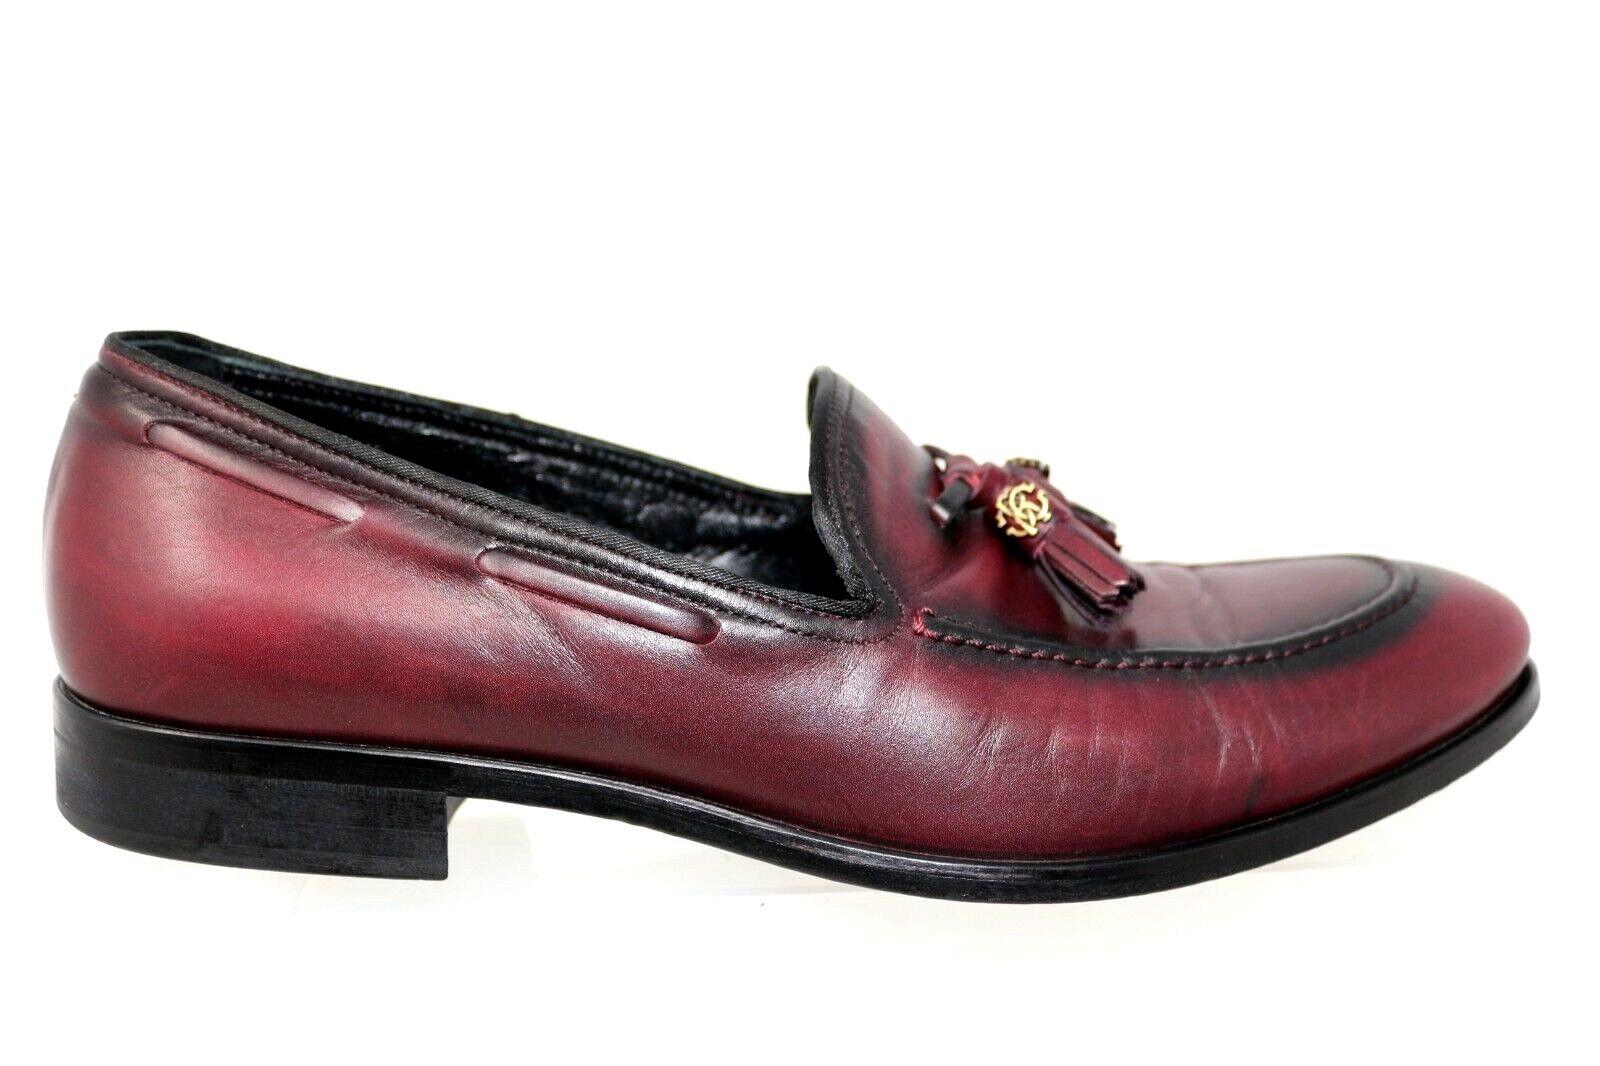 Roberto Cavalli 1303 Borgoña Mocasín Cuero Moc puntera de vestir Zapatos para hombre 42 US 10